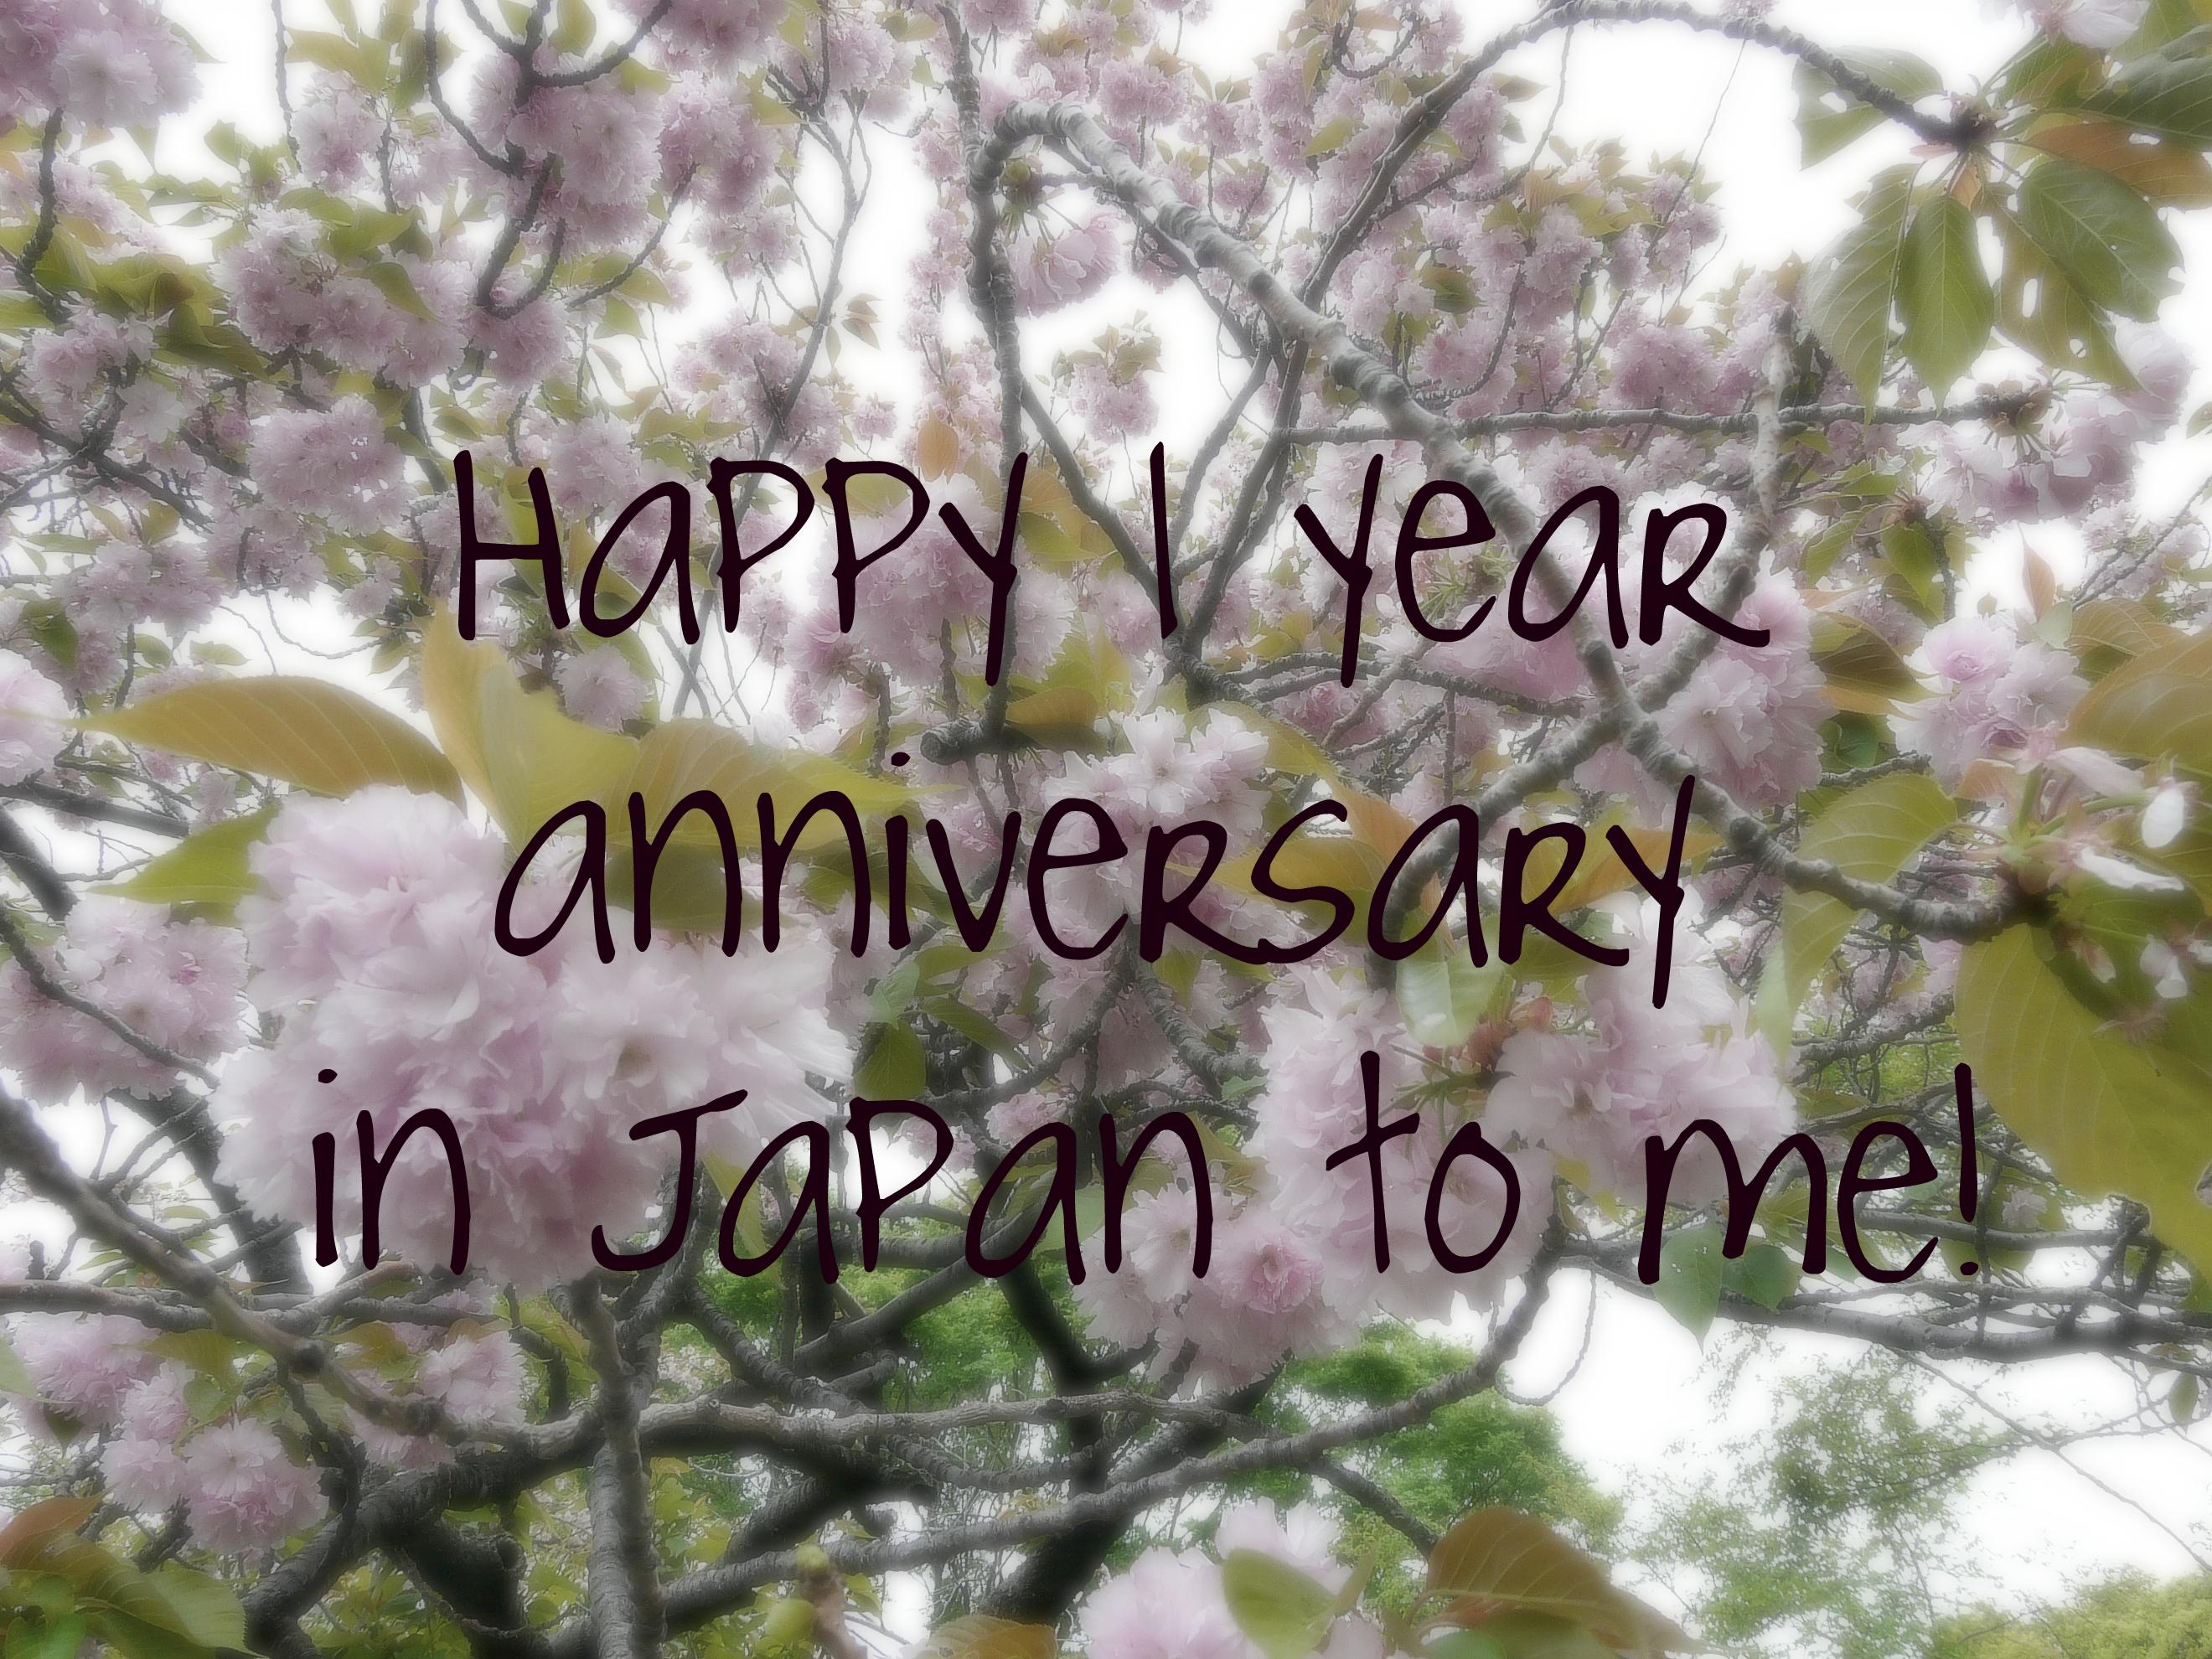 one yearanniversary